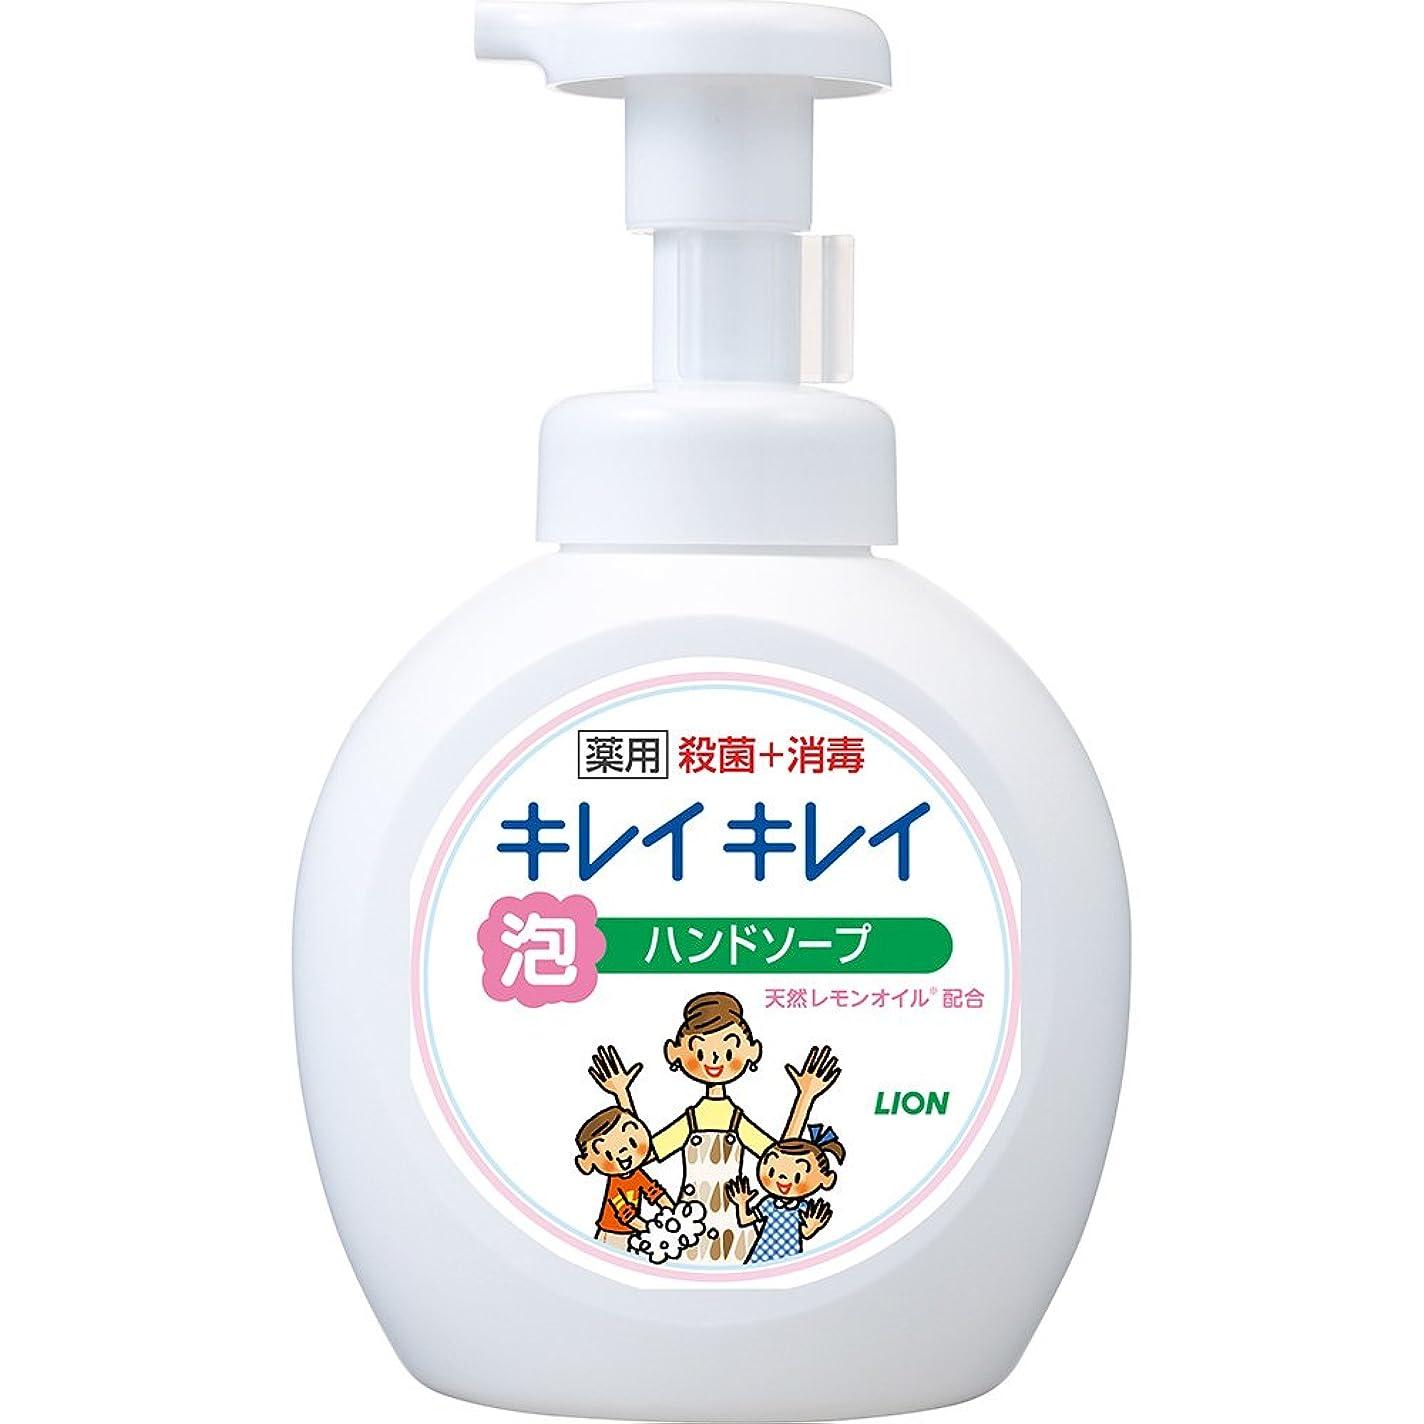 宙返り葉っぱ不透明なキレイキレイ 薬用 泡ハンドソープ シトラスフルーティの香り 本体ポンプ 大型サイズ 500ml(医薬部外品)